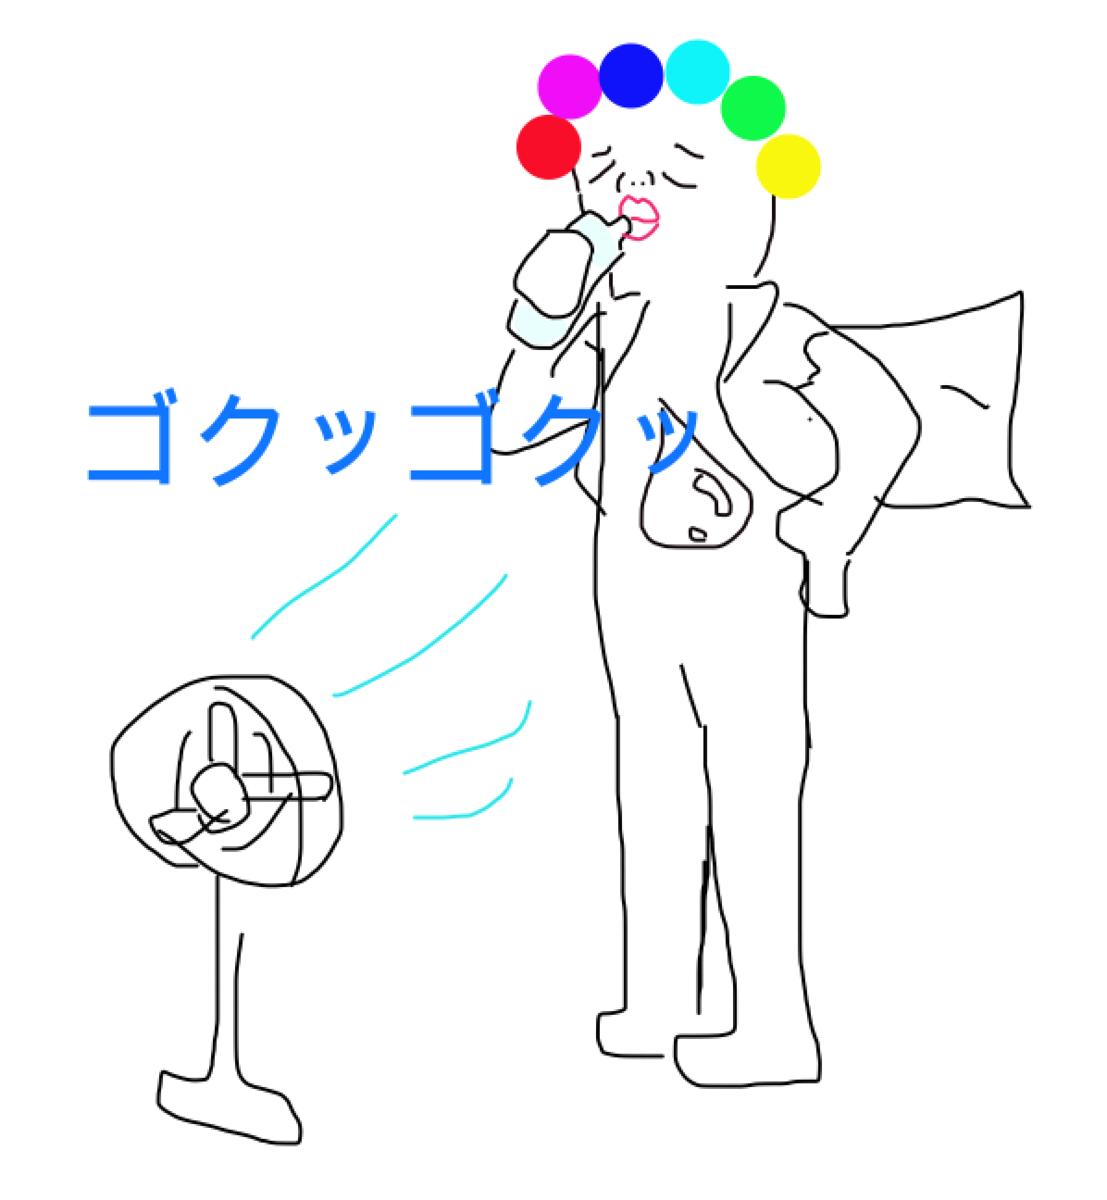 f:id:kinpik:20200525223332p:plain